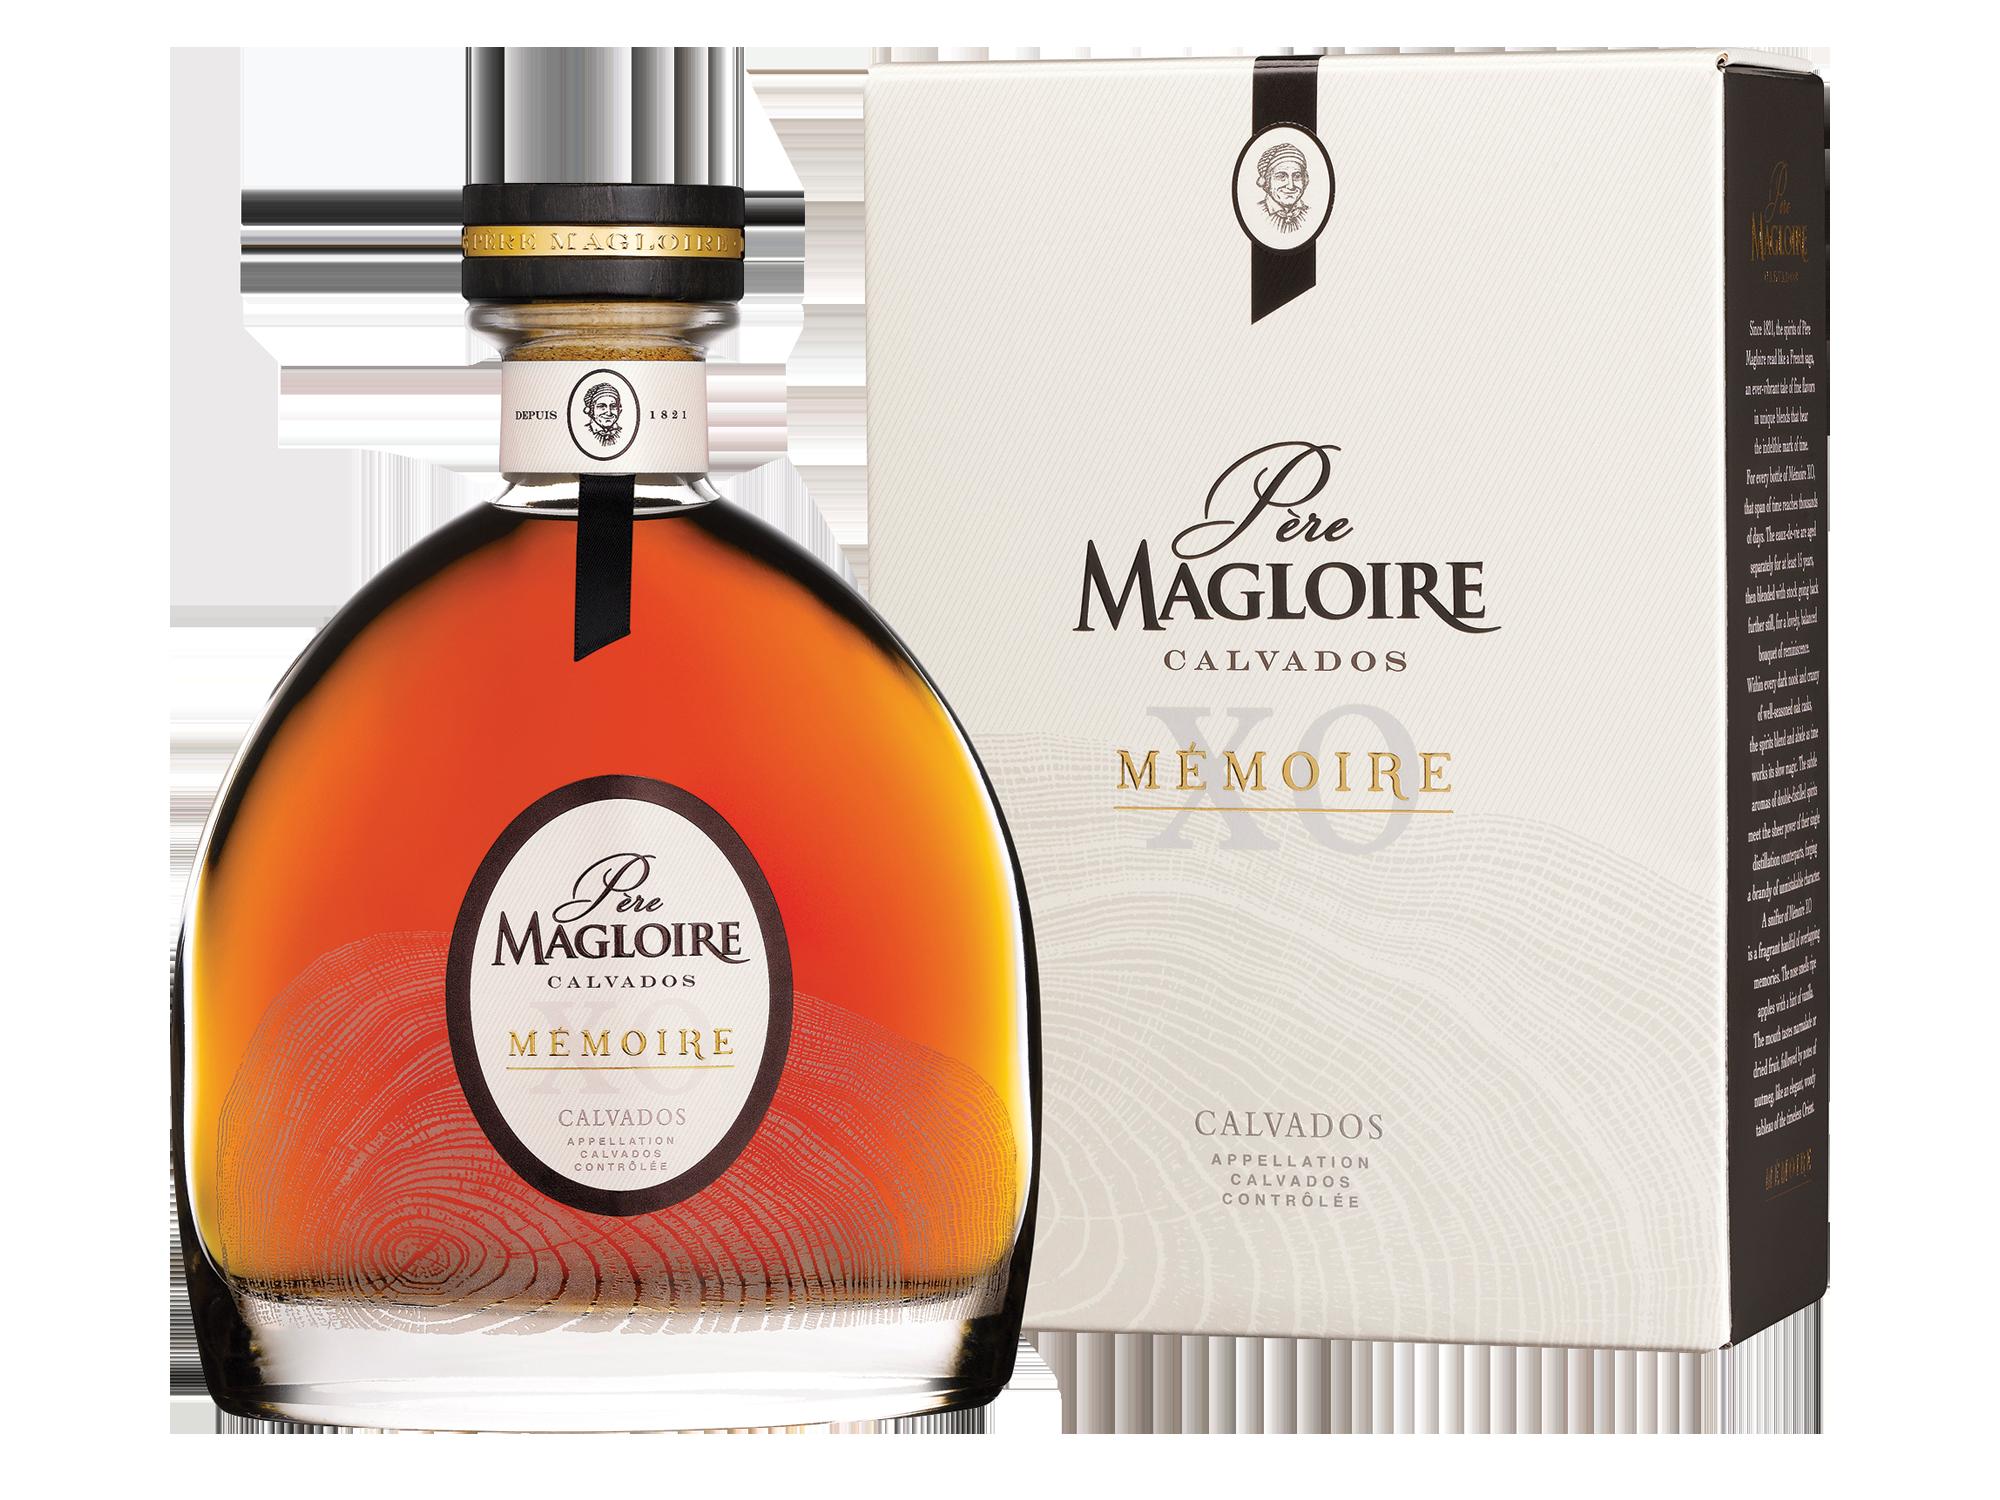 Pere-magloire-xo-memoire-calvados-(gift-box).png